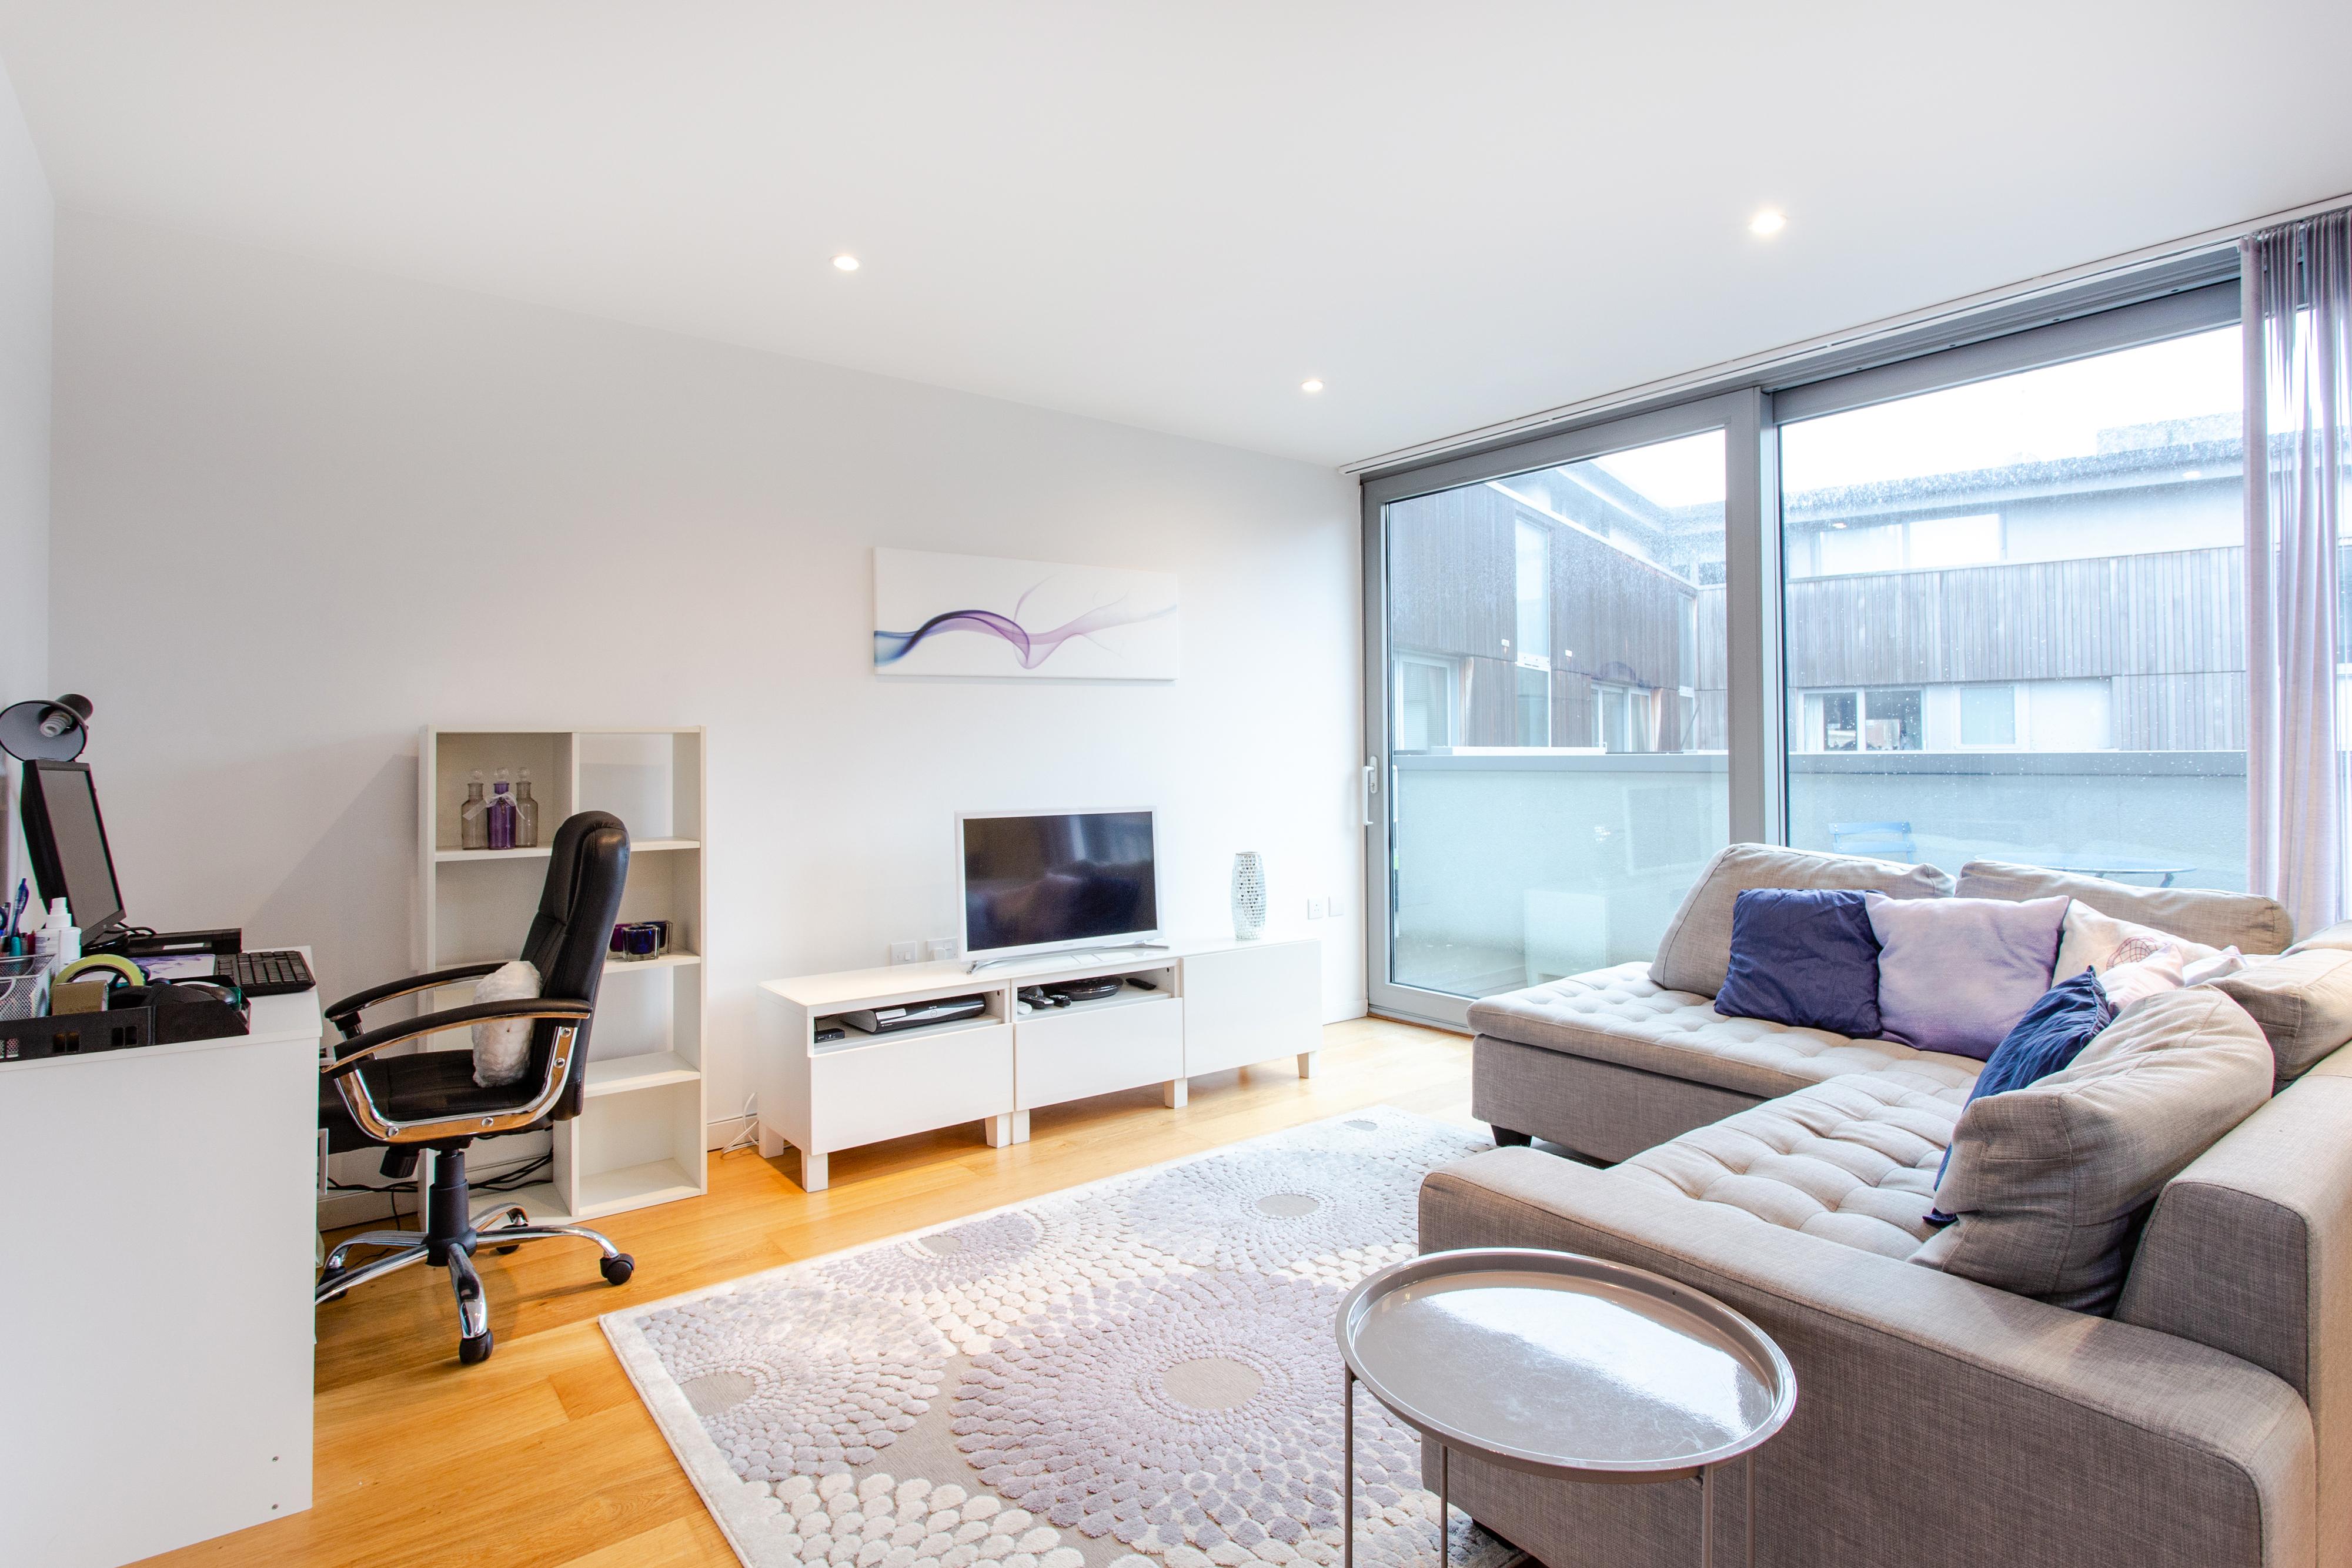 041220197 rent apartment 16 block c 30 hornsey road n7 7at 004